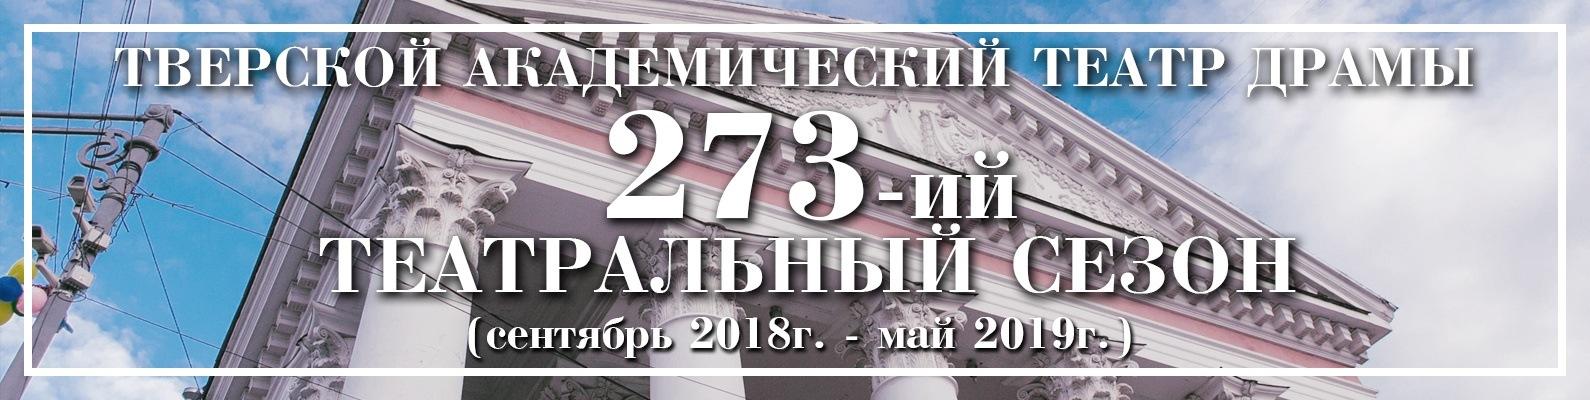 Тверской театр драмы официальный сайт афиша на 2017 афиша концертов в москве 2017 ленинград